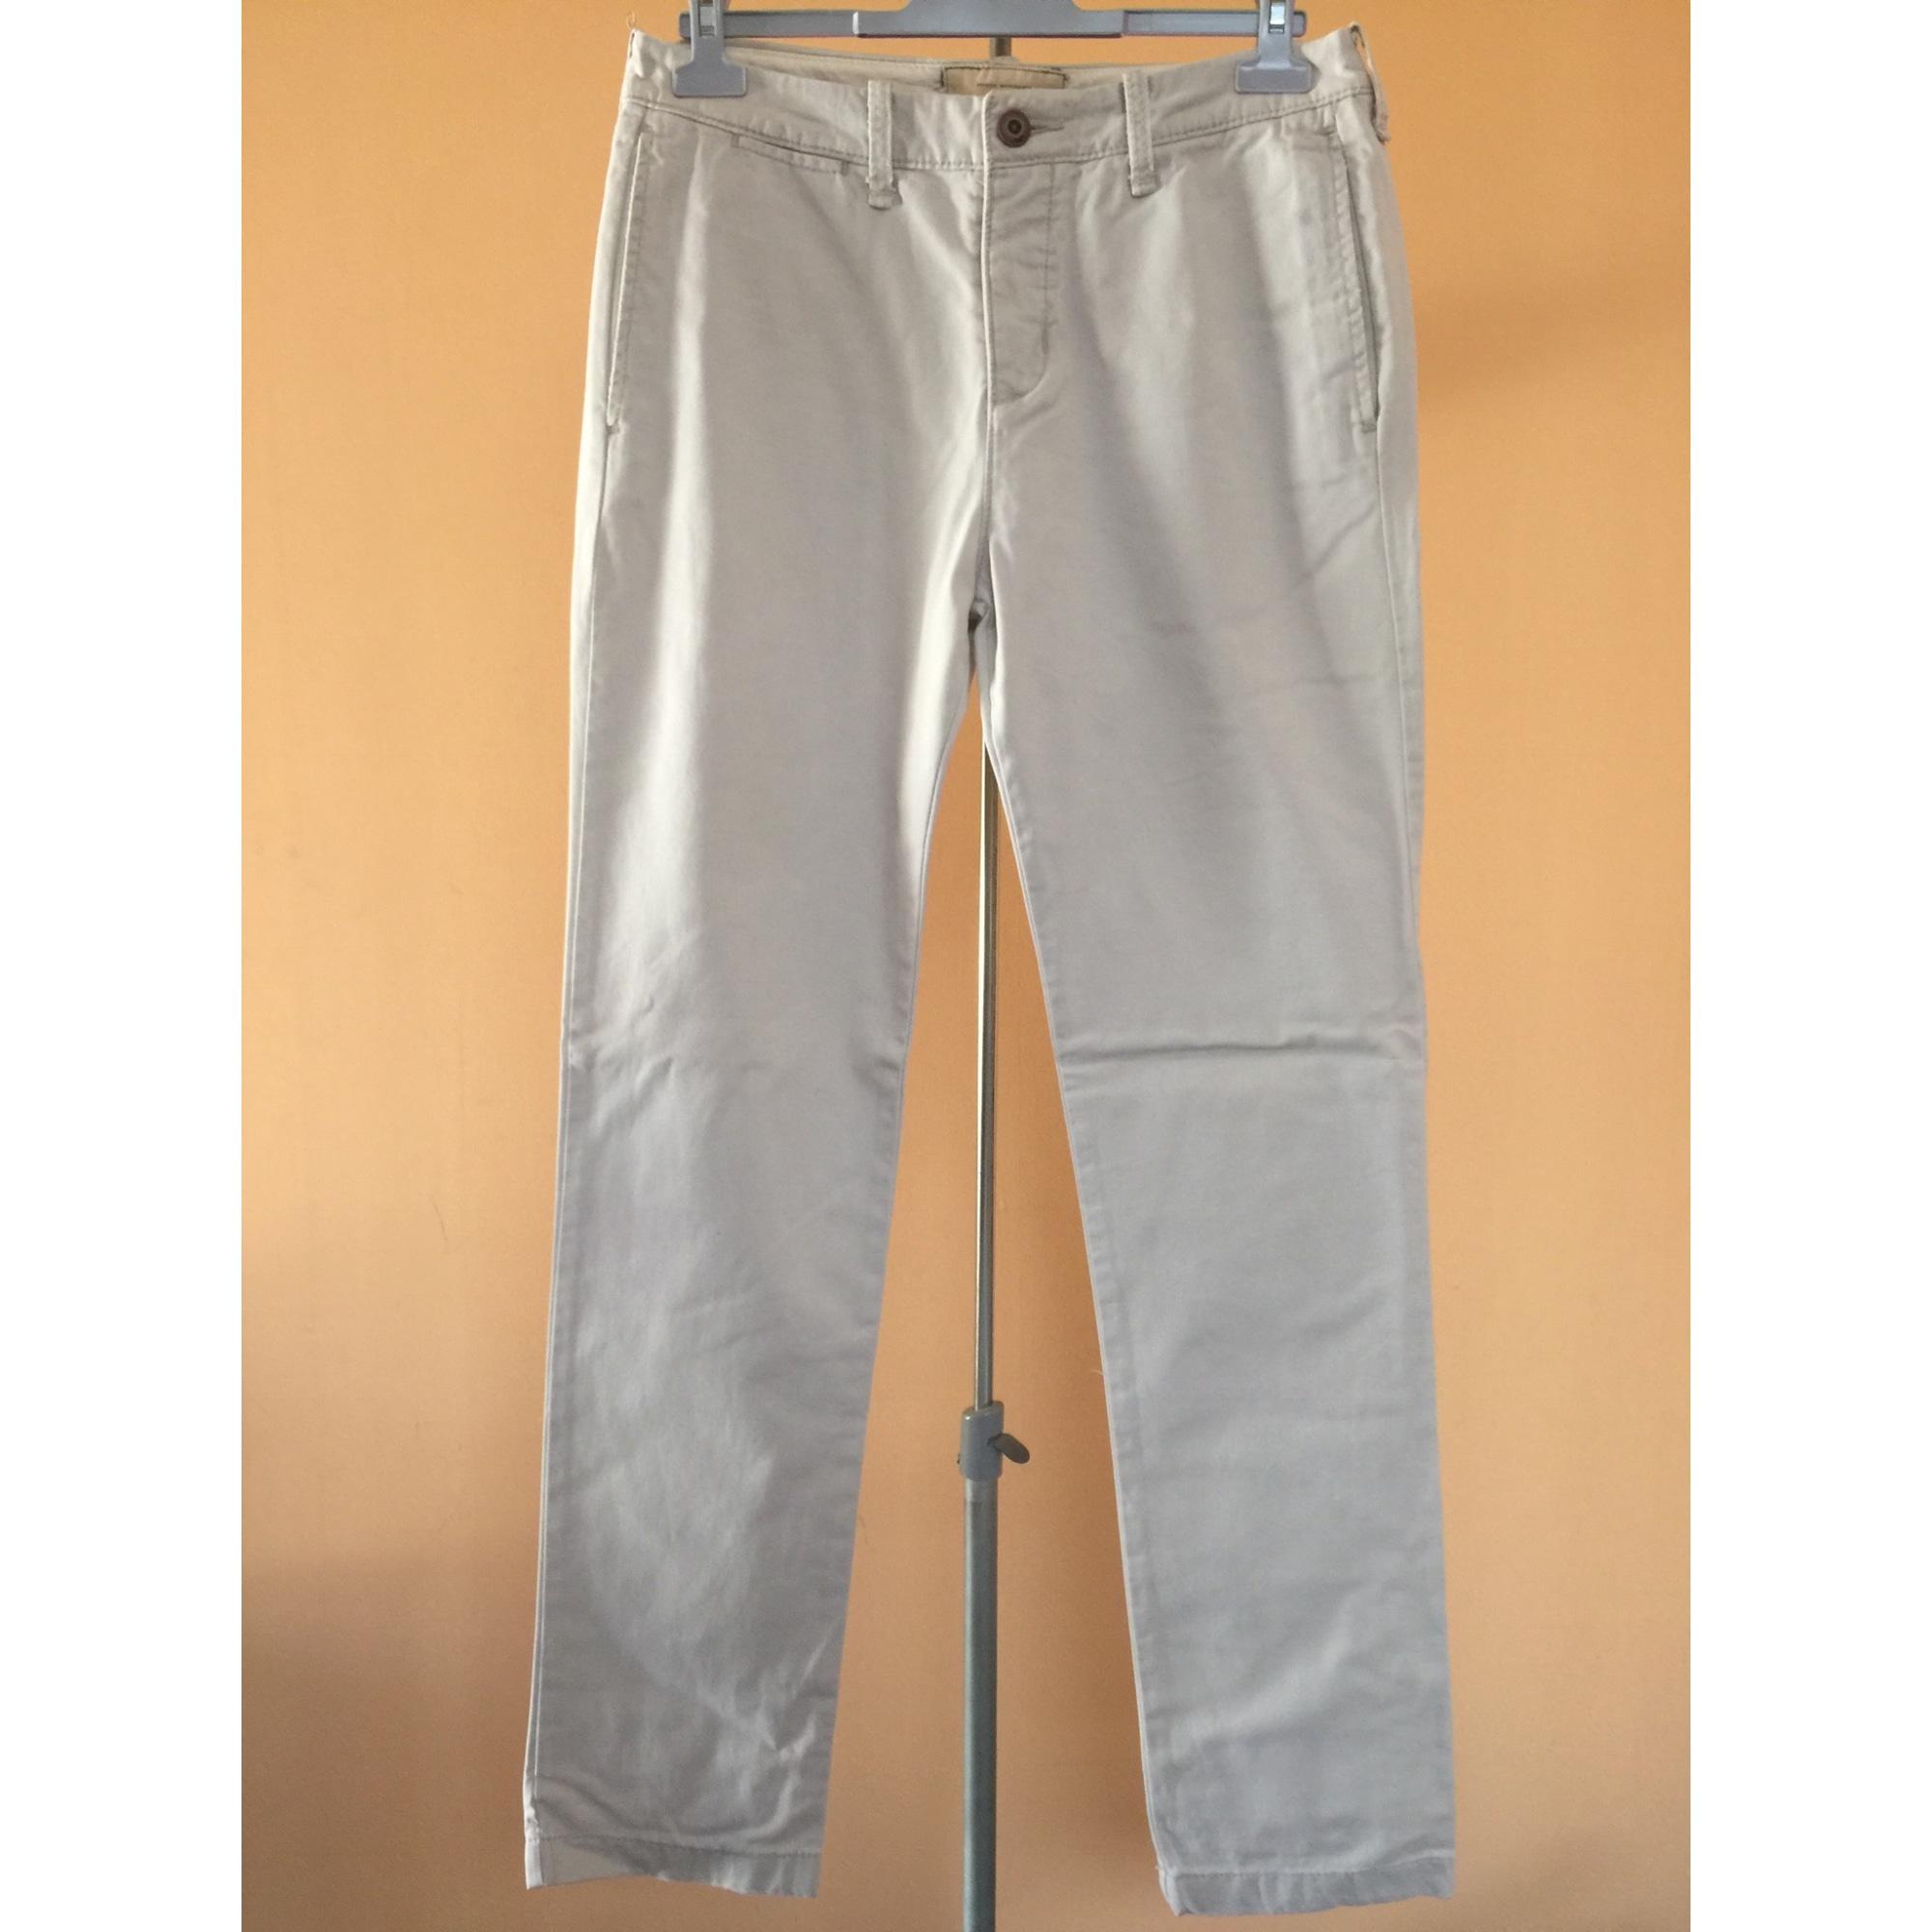 Pantalon droit HOLLISTER Beige, camel